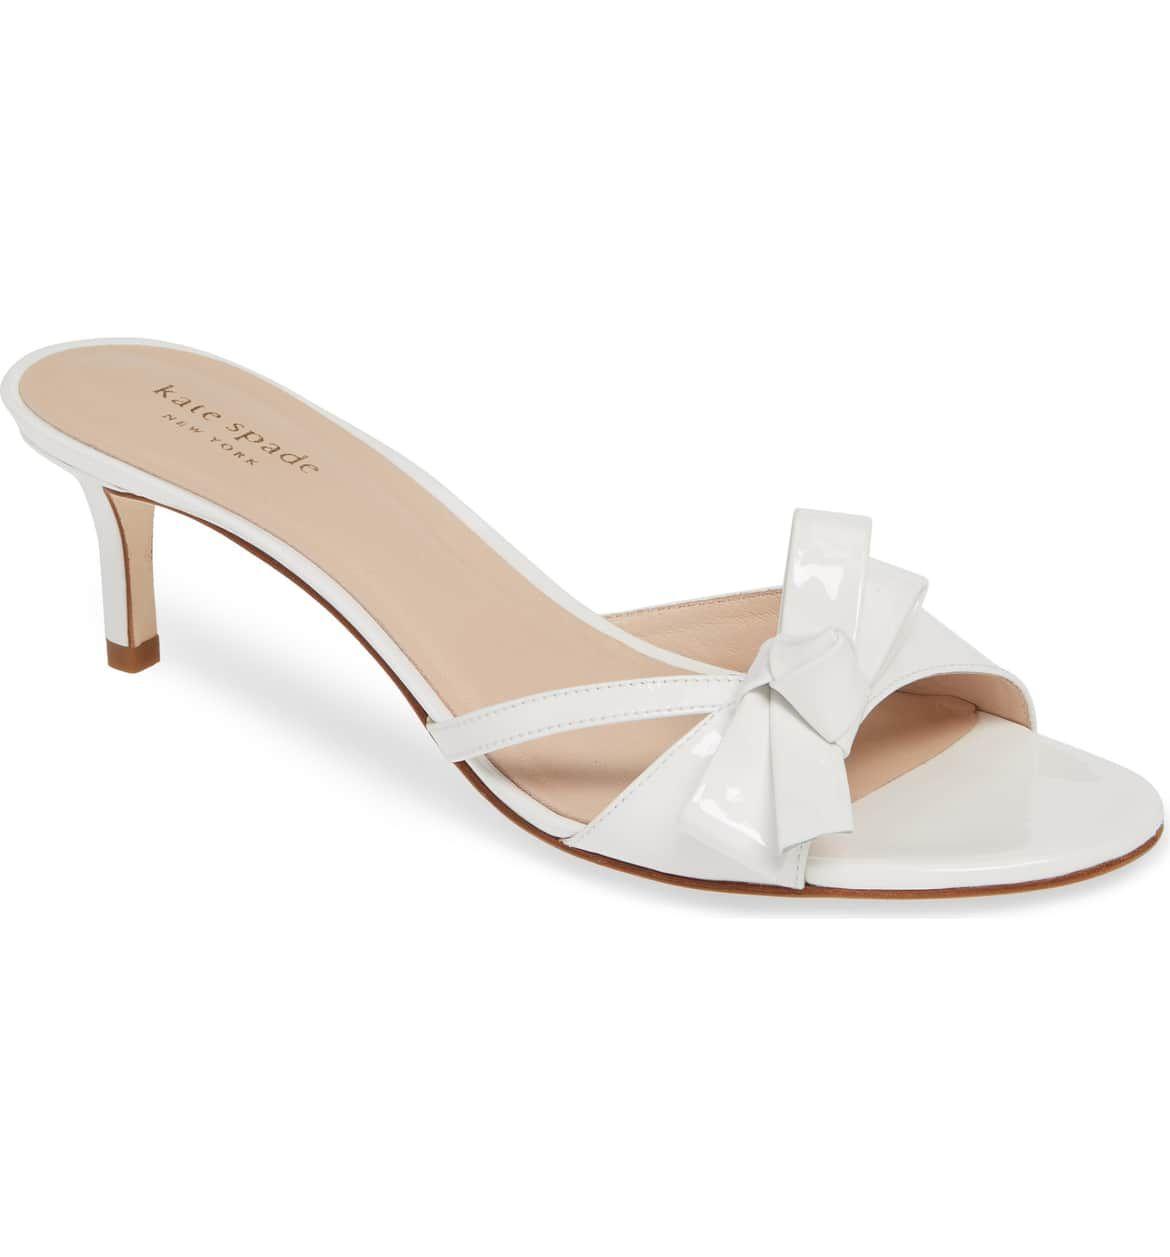 Simona Bow Slide Sandal Main Color White Patent Kitten Heel Sandals White Sandals Heels Kate Spade Women